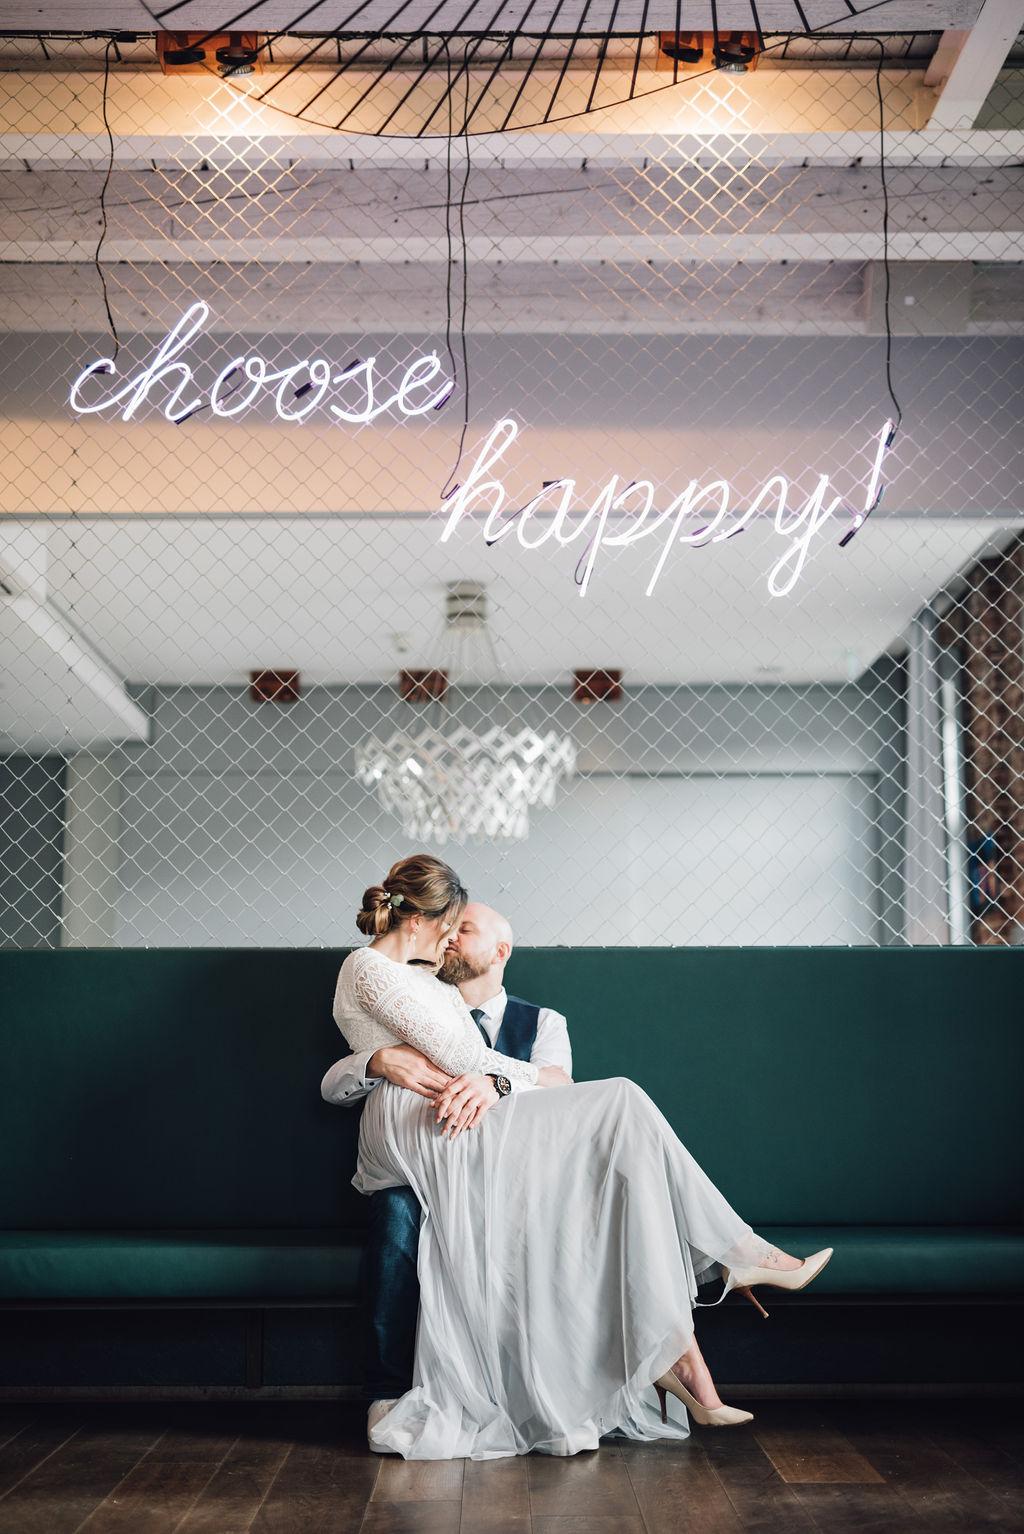 noni, Styling Inspiration für moderne Hochzeit im Urban Chic, Brautpaar und Leucht-Dekoration